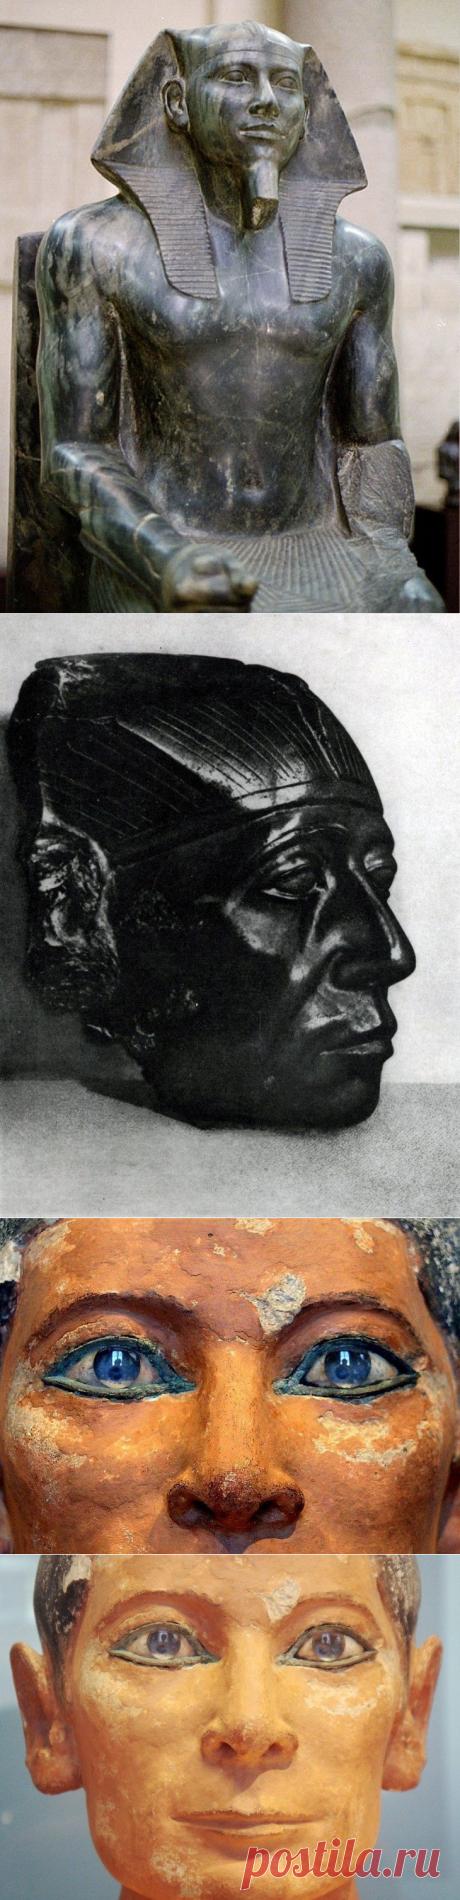 10 загадочных технологий Древнего Египта, которым до сих пор нет объяснения / Всё самое лучшее из интернета